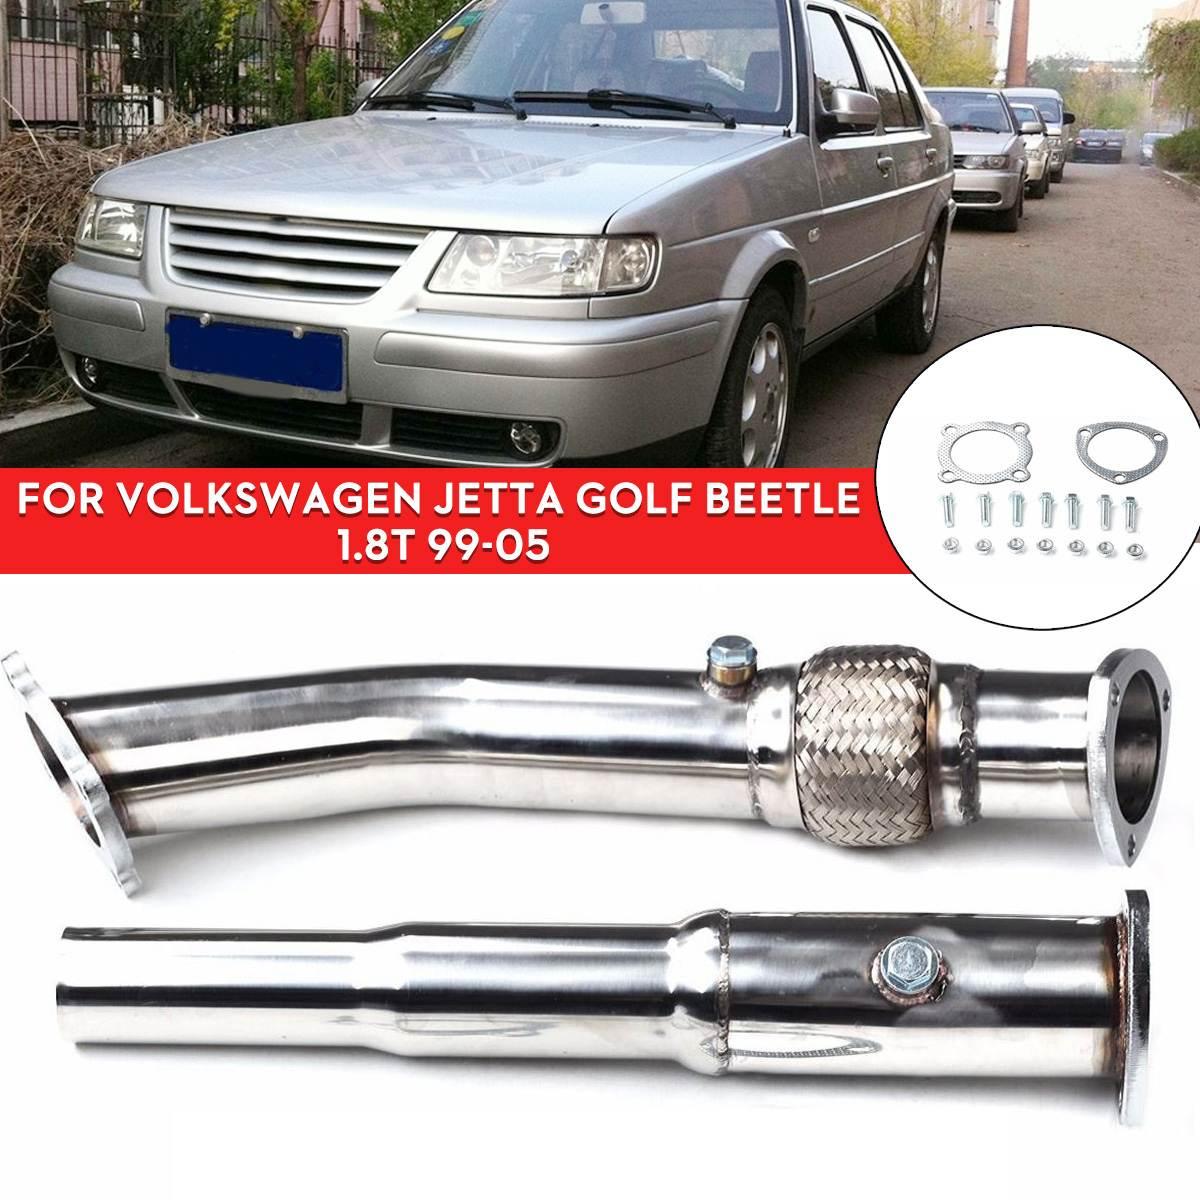 1999 2000 2001 2002 Volkswagen GTI Waterproof Car Cover w//MirrorPocket